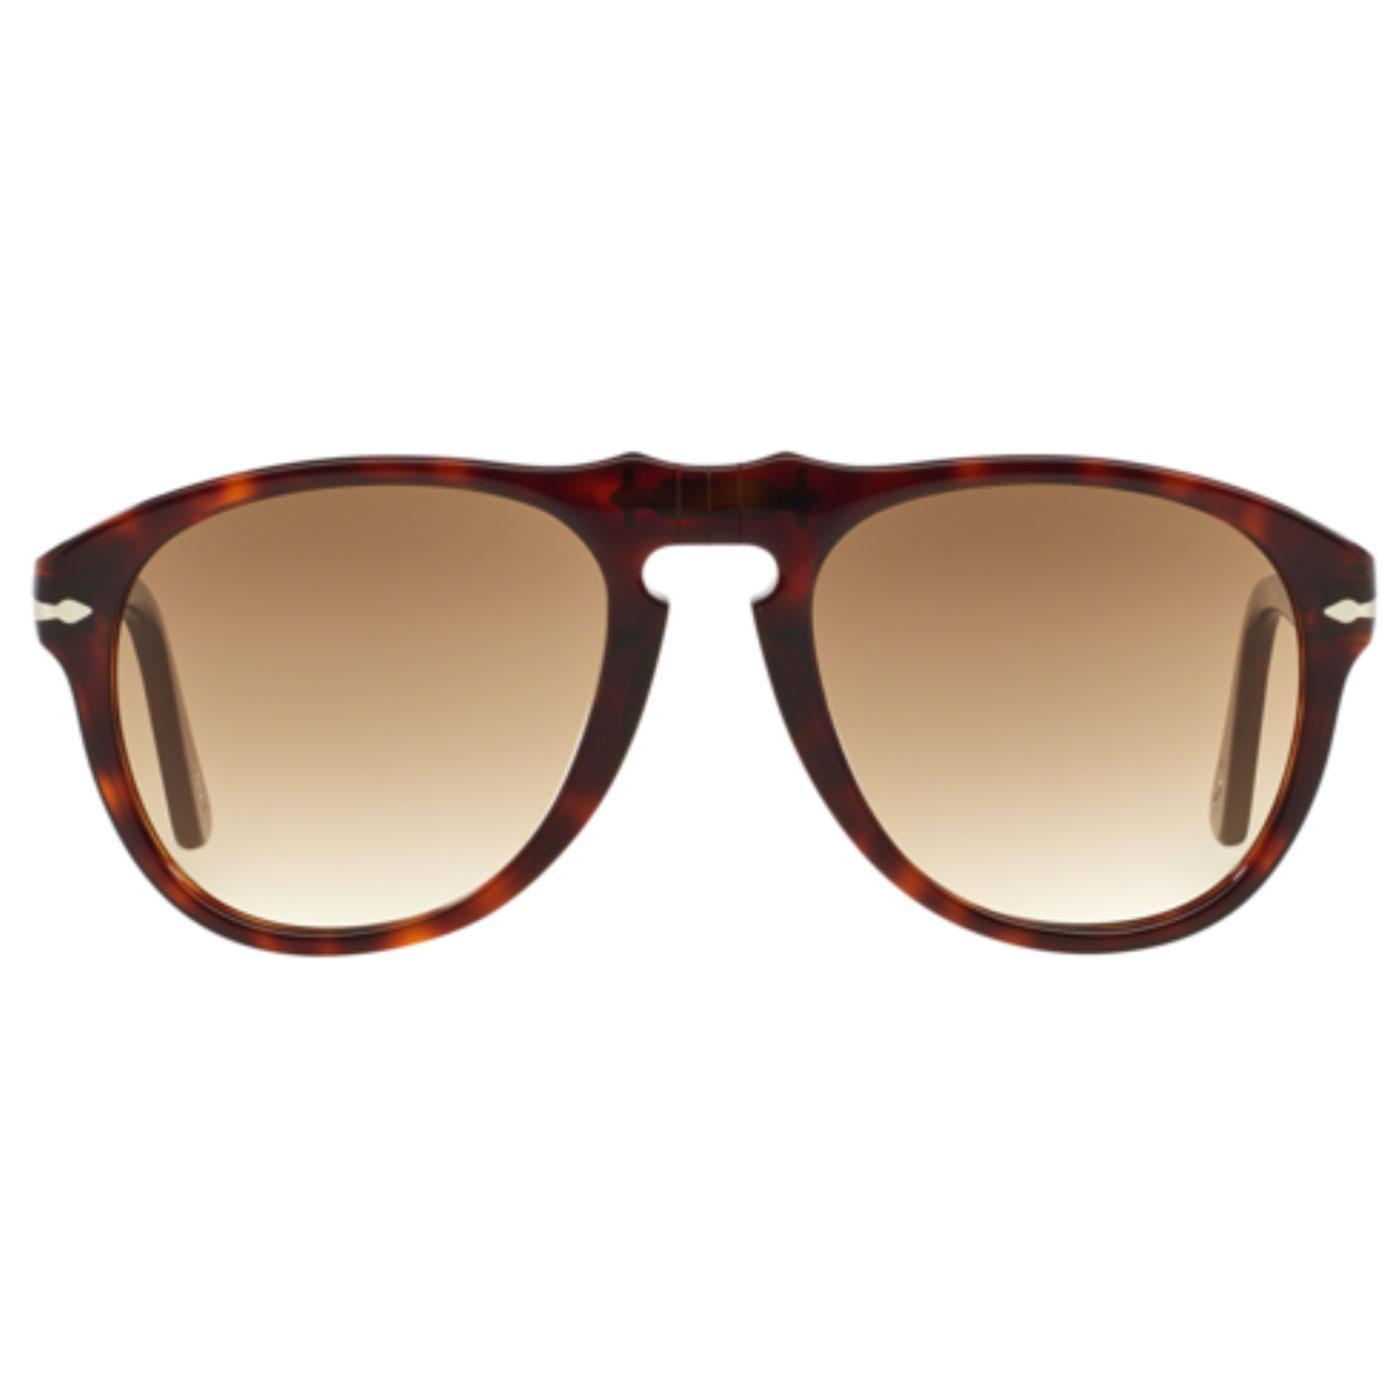 0a78ea09bd PERSOL 649 Series Original Mens Mod Sunglasses in Havana